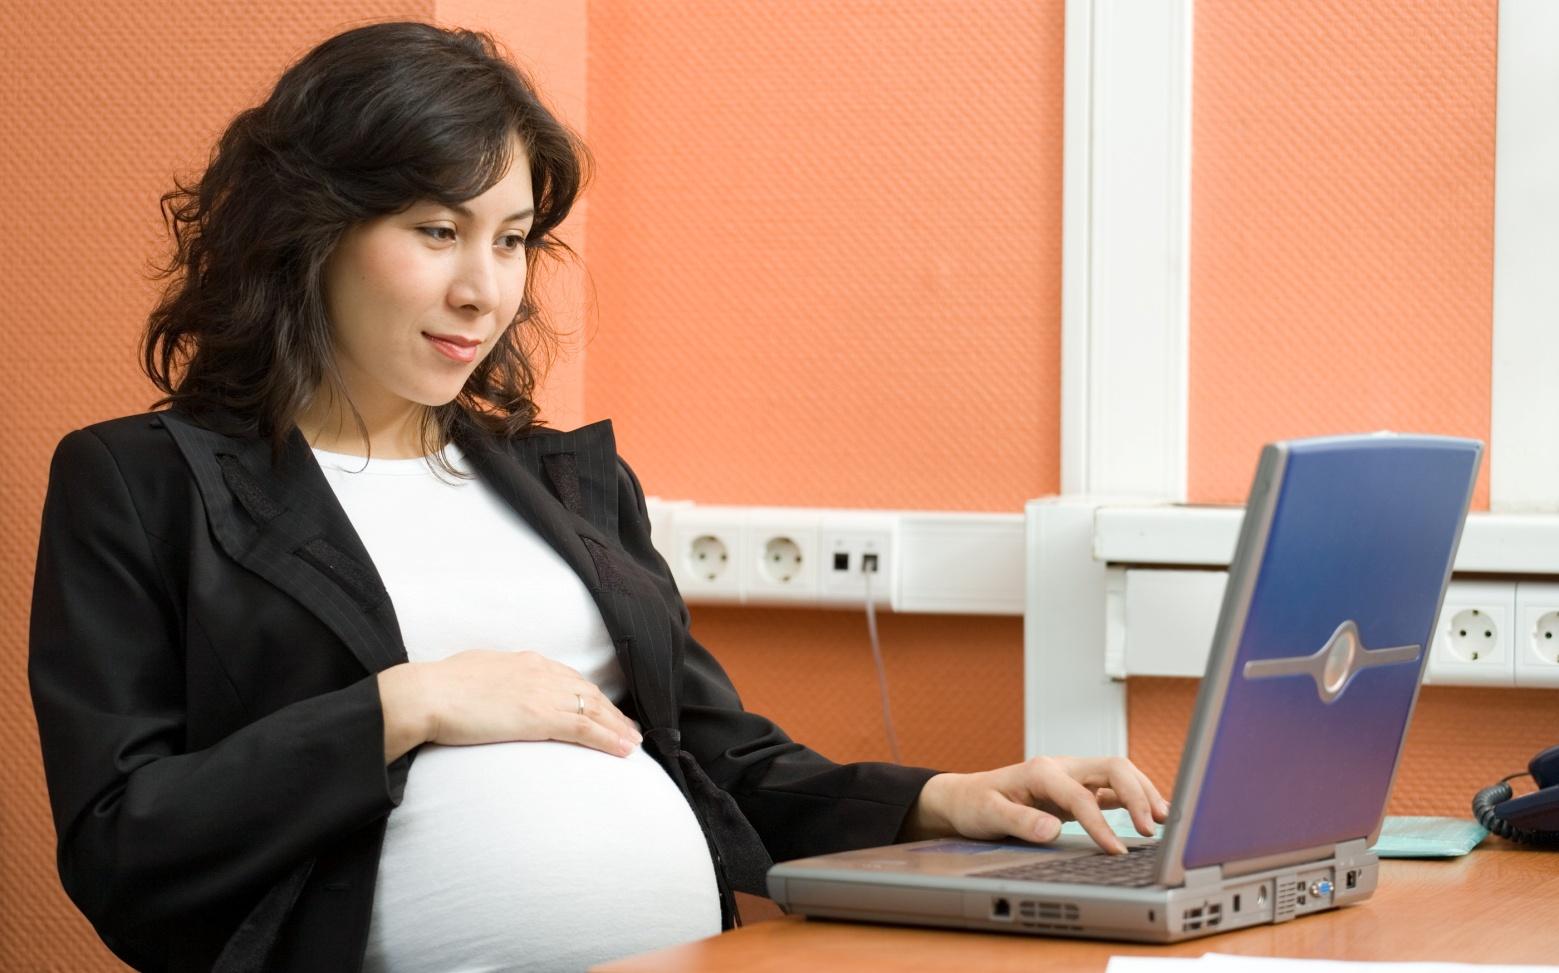 7 cách kiếm tiền tại nhà bạn nên thử giúp tăng thu nhập đáng kể